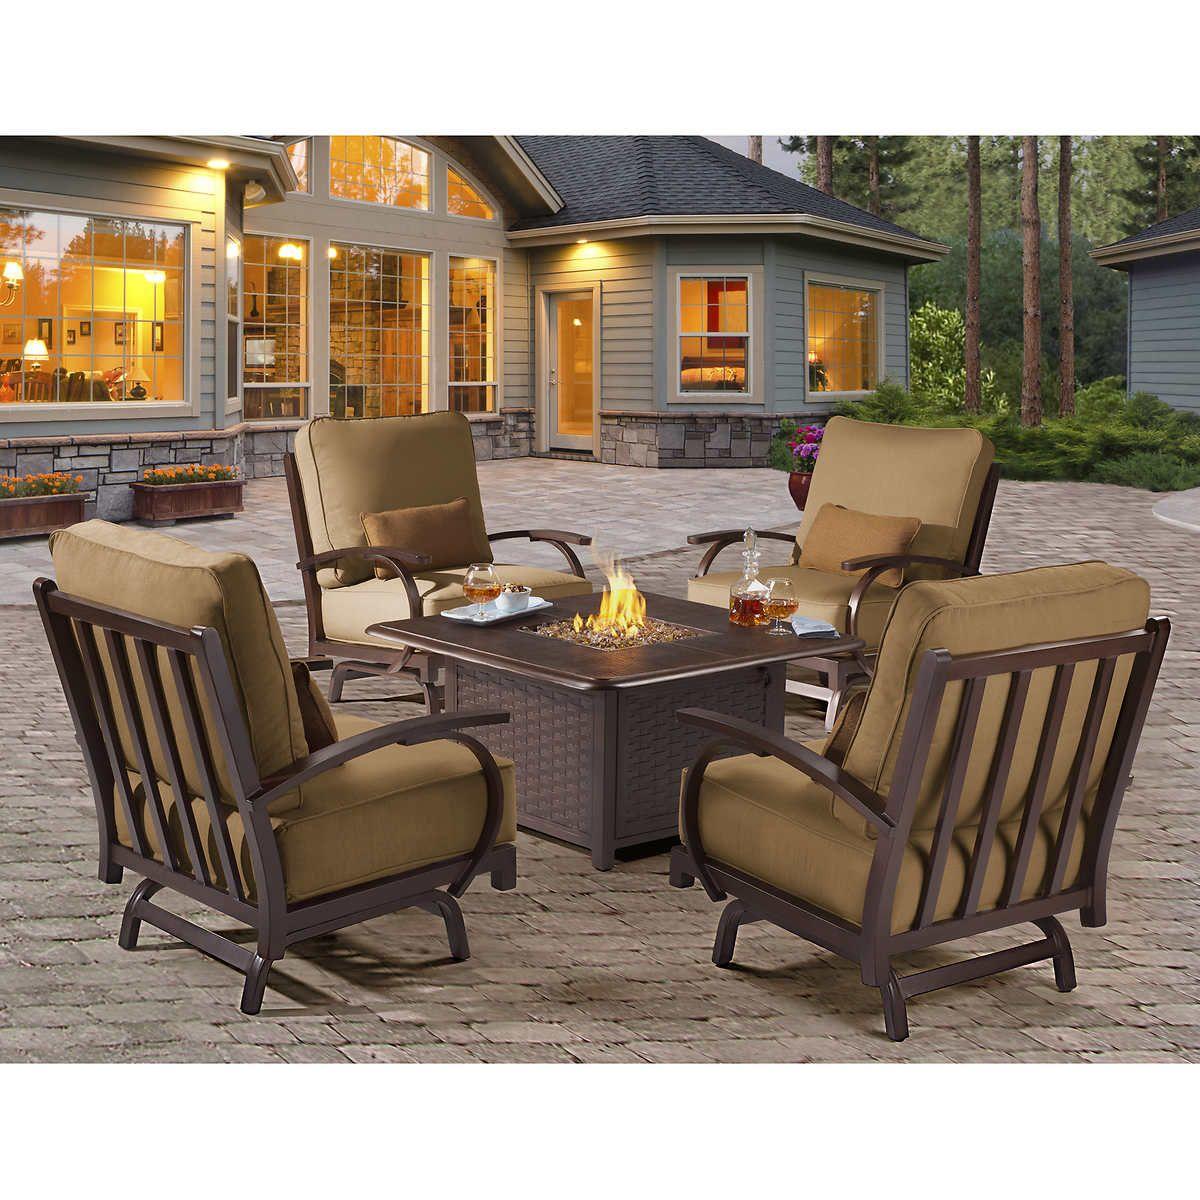 Costco Patio Furniture With Fire Pit Patio Ideas Costco Patio